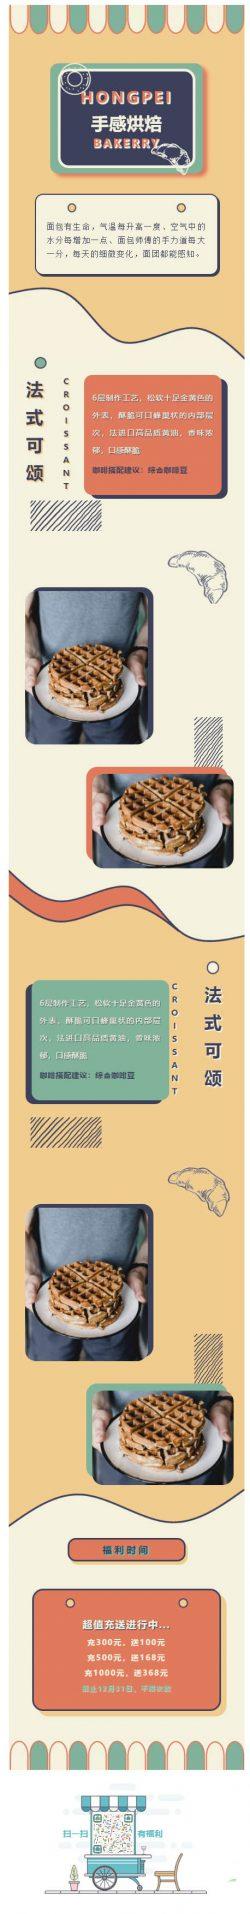 烘焙面包甜点微信公众号图文模板美食暖色风格模板推文素材